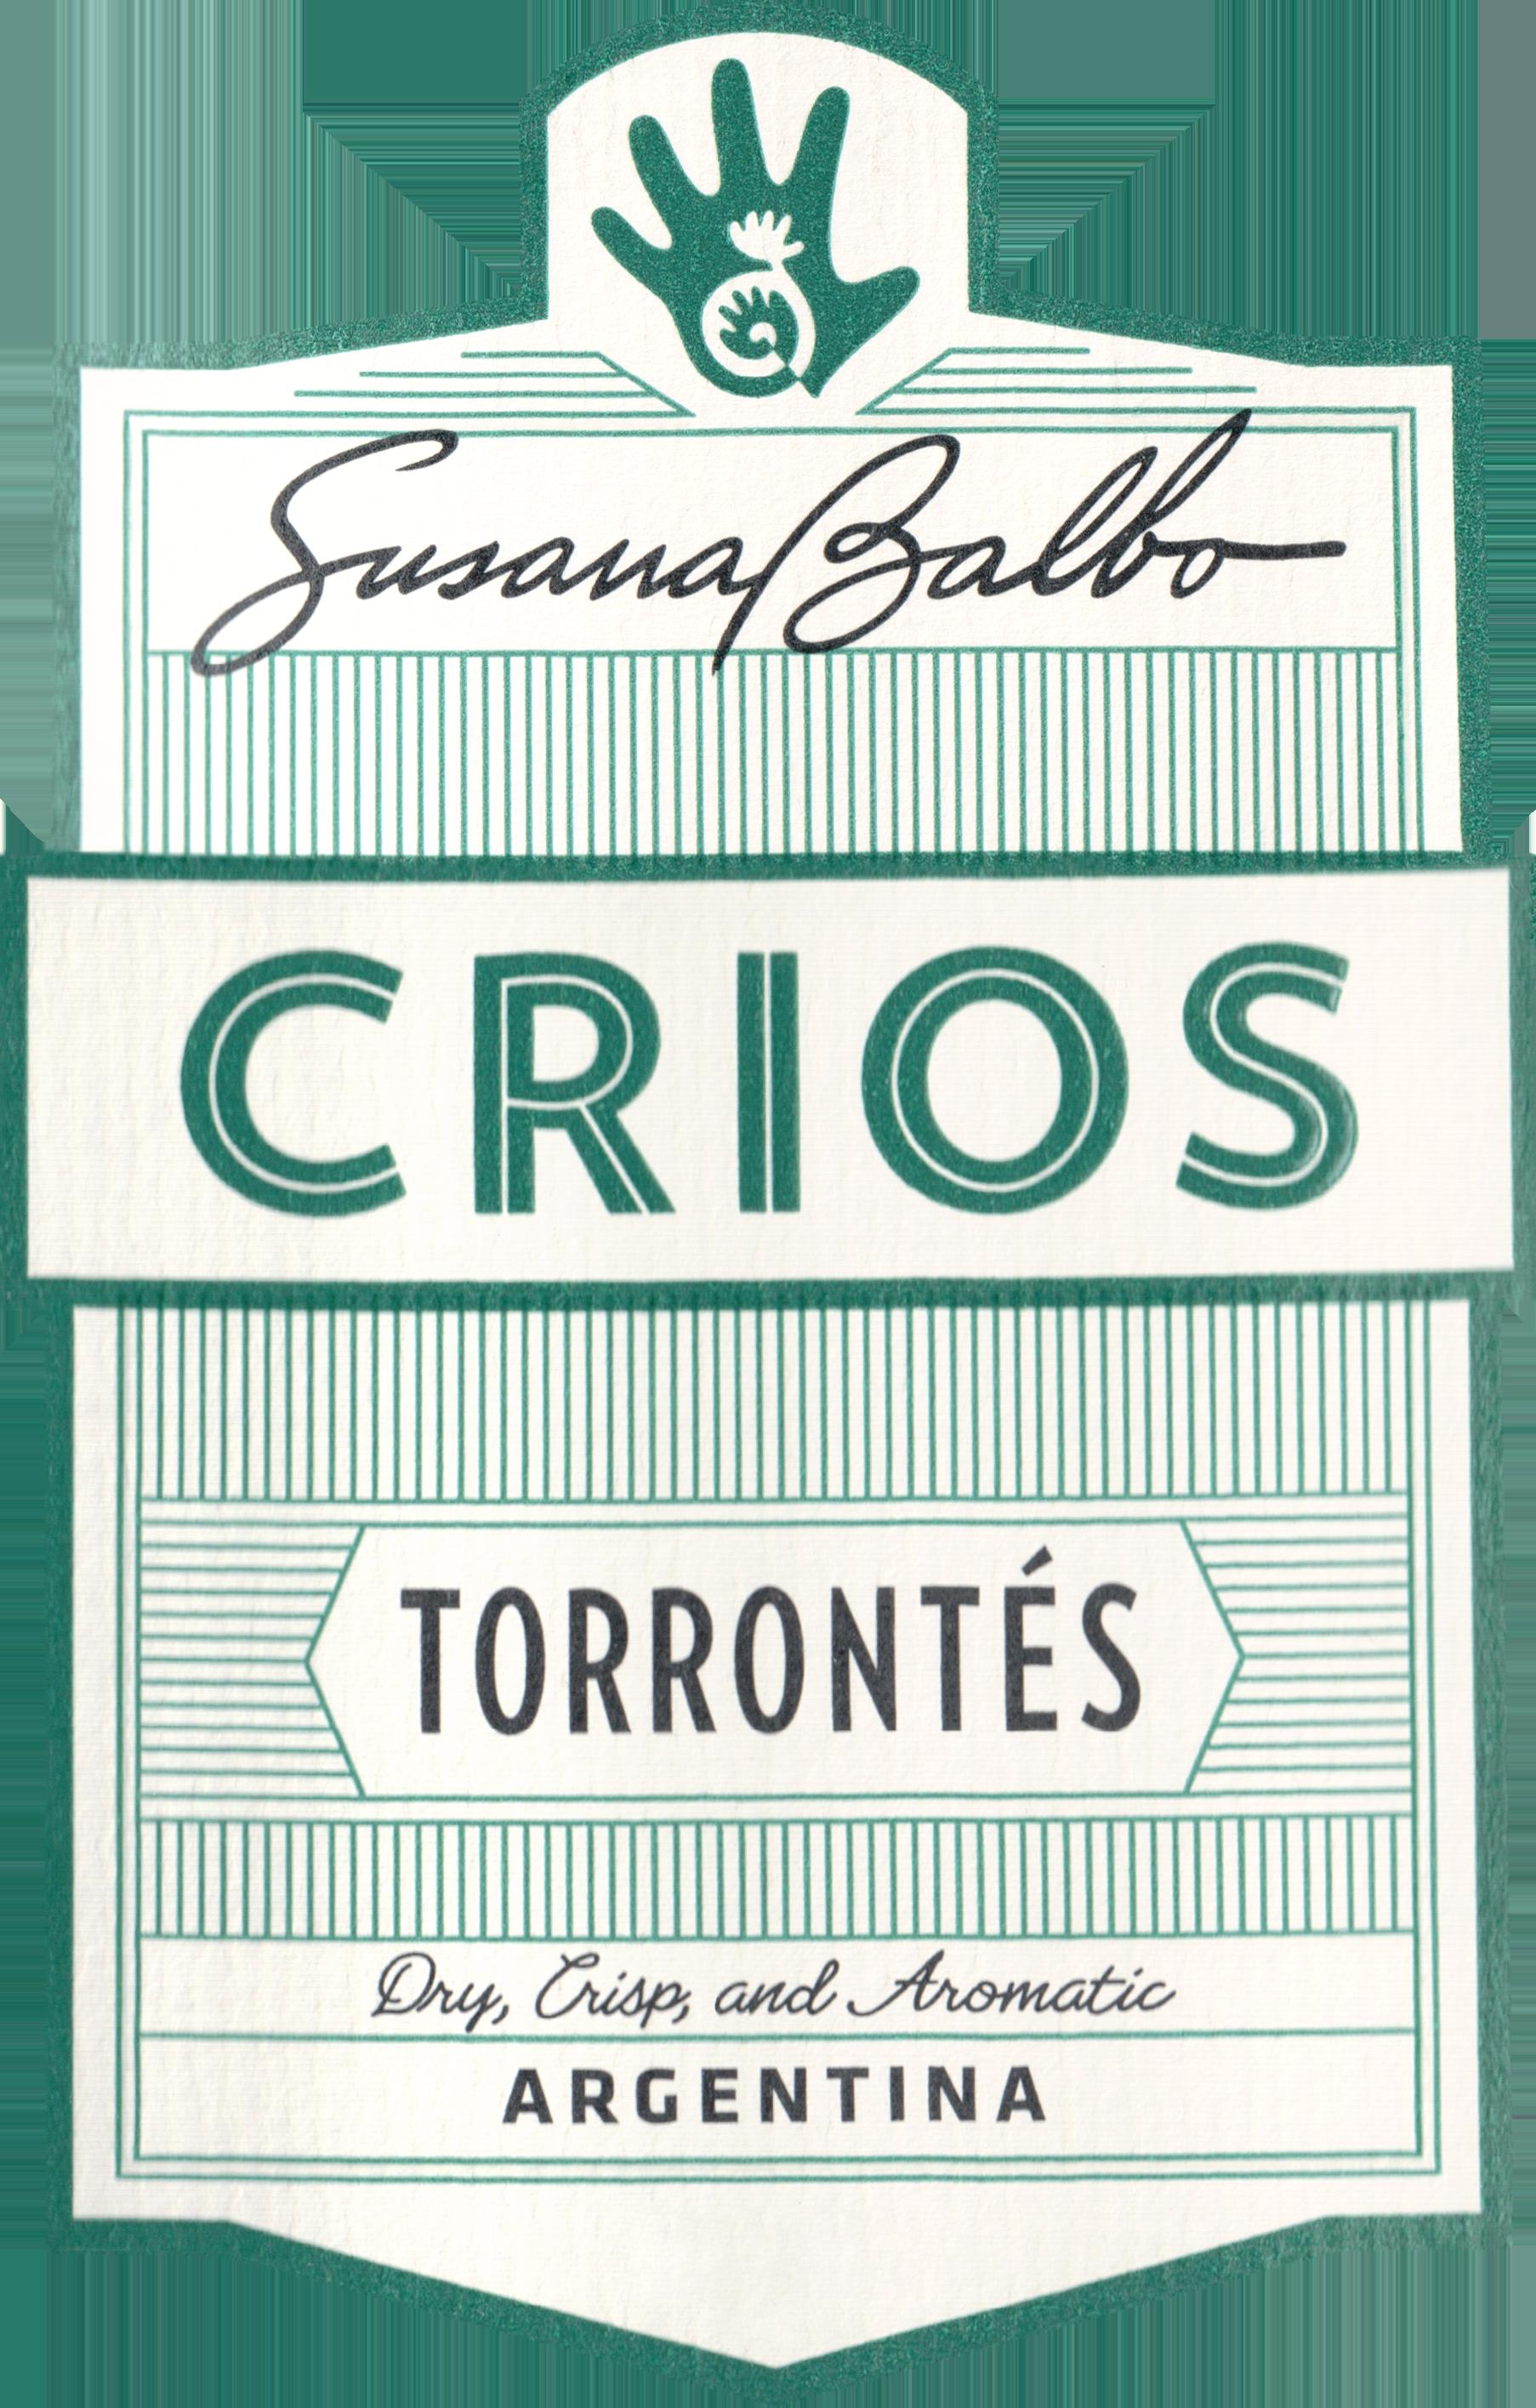 Crios De Susana Balbo Torrontes 2019